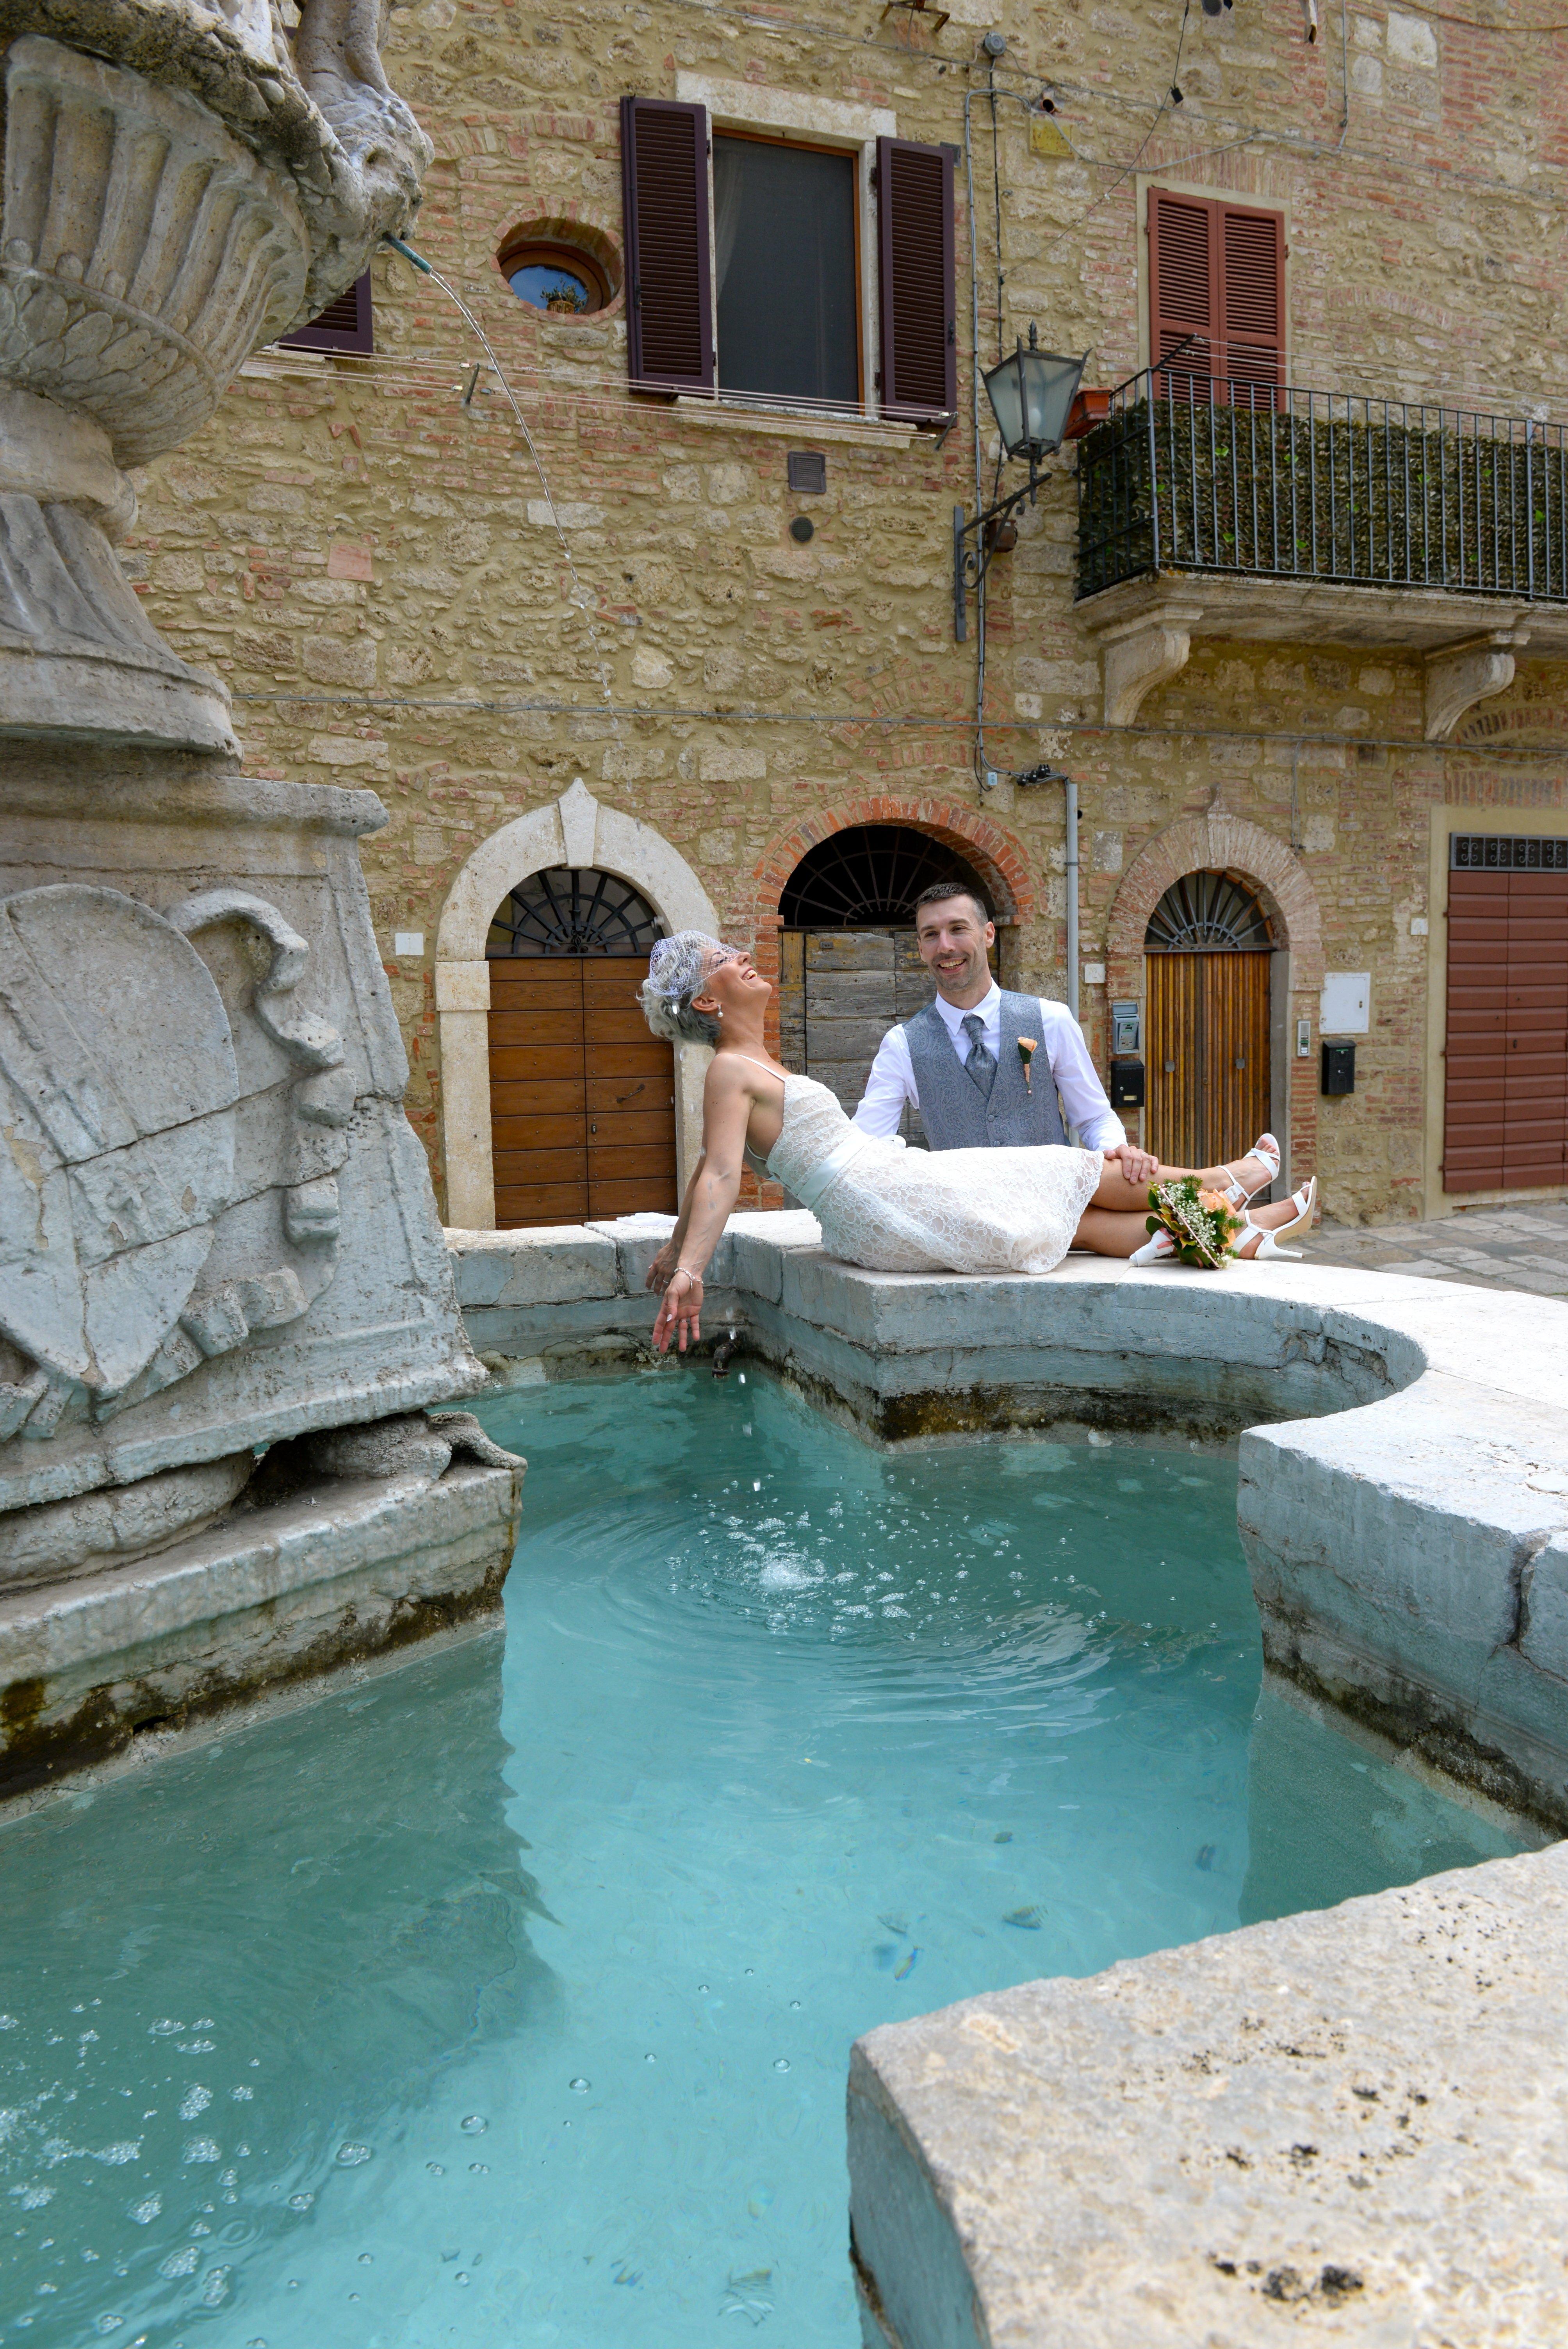 sposi giocano sull'orlo di una fontana nei pressi di un palazzo